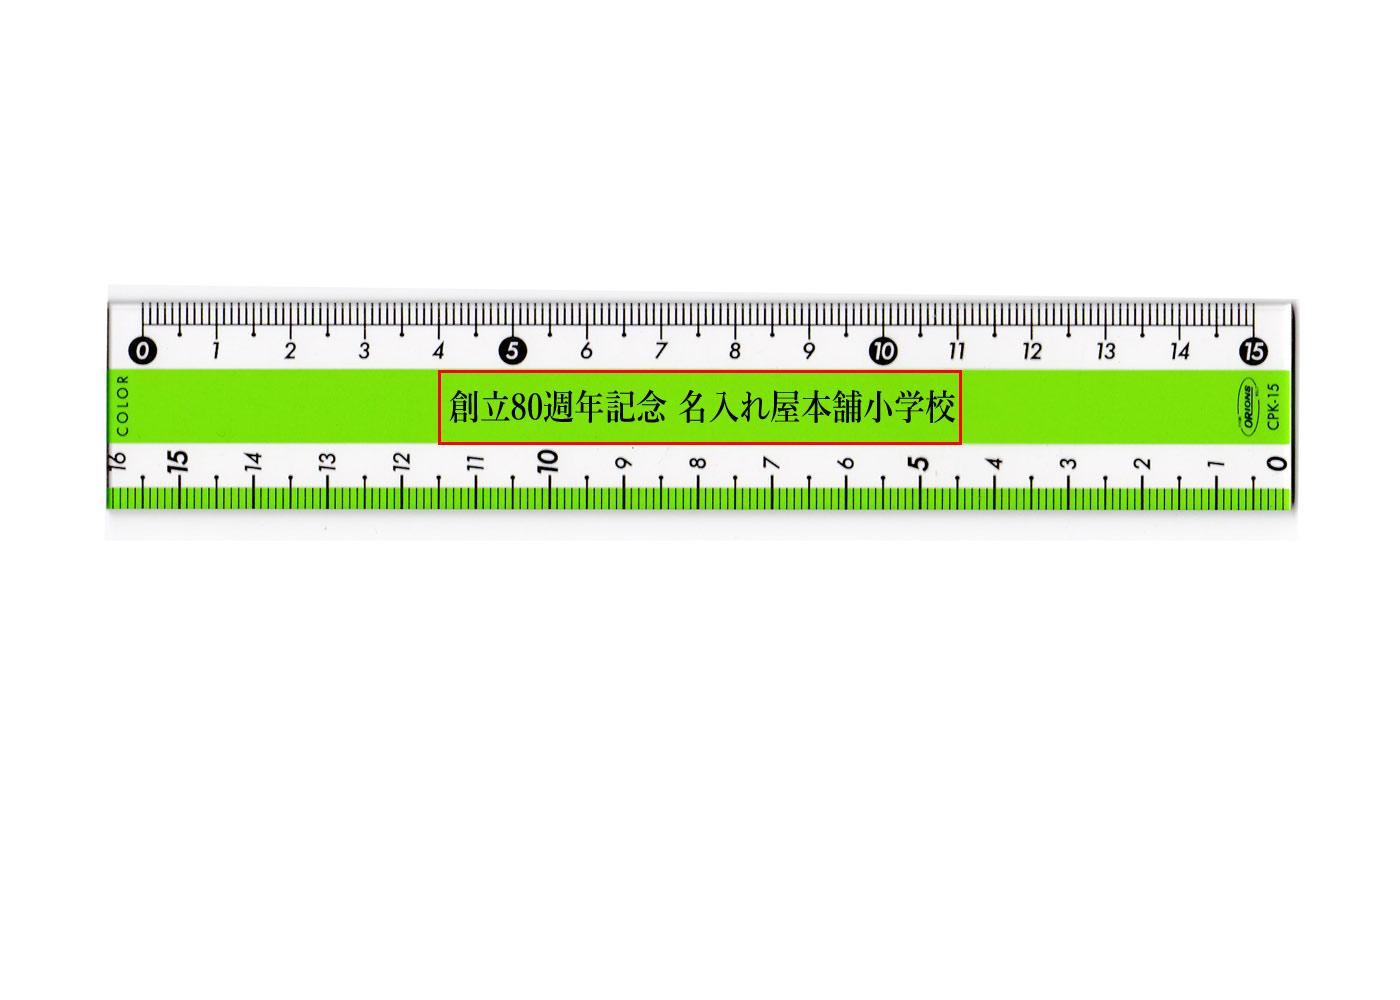 カラー直線定規15cm|小ロット100個から名入れ                                    カラー直線定規15cm                                    [NNR-CPK-15]